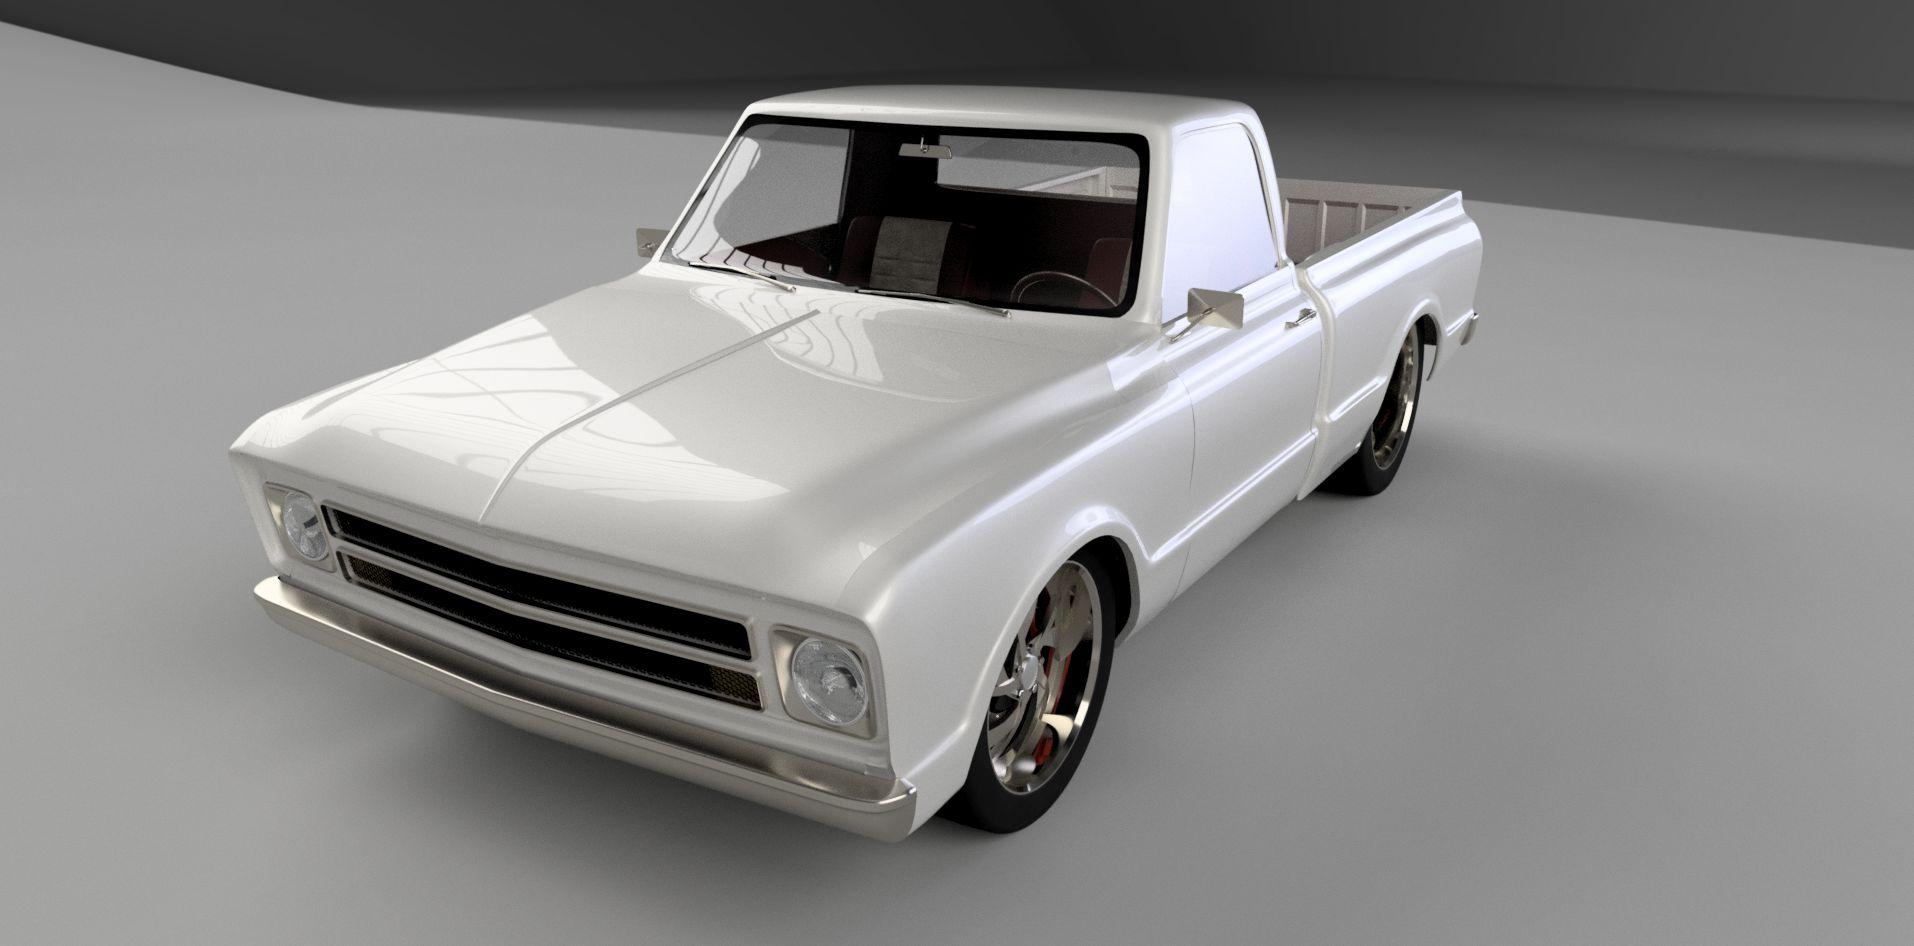 Truck-body5-v26-6-3500-3500